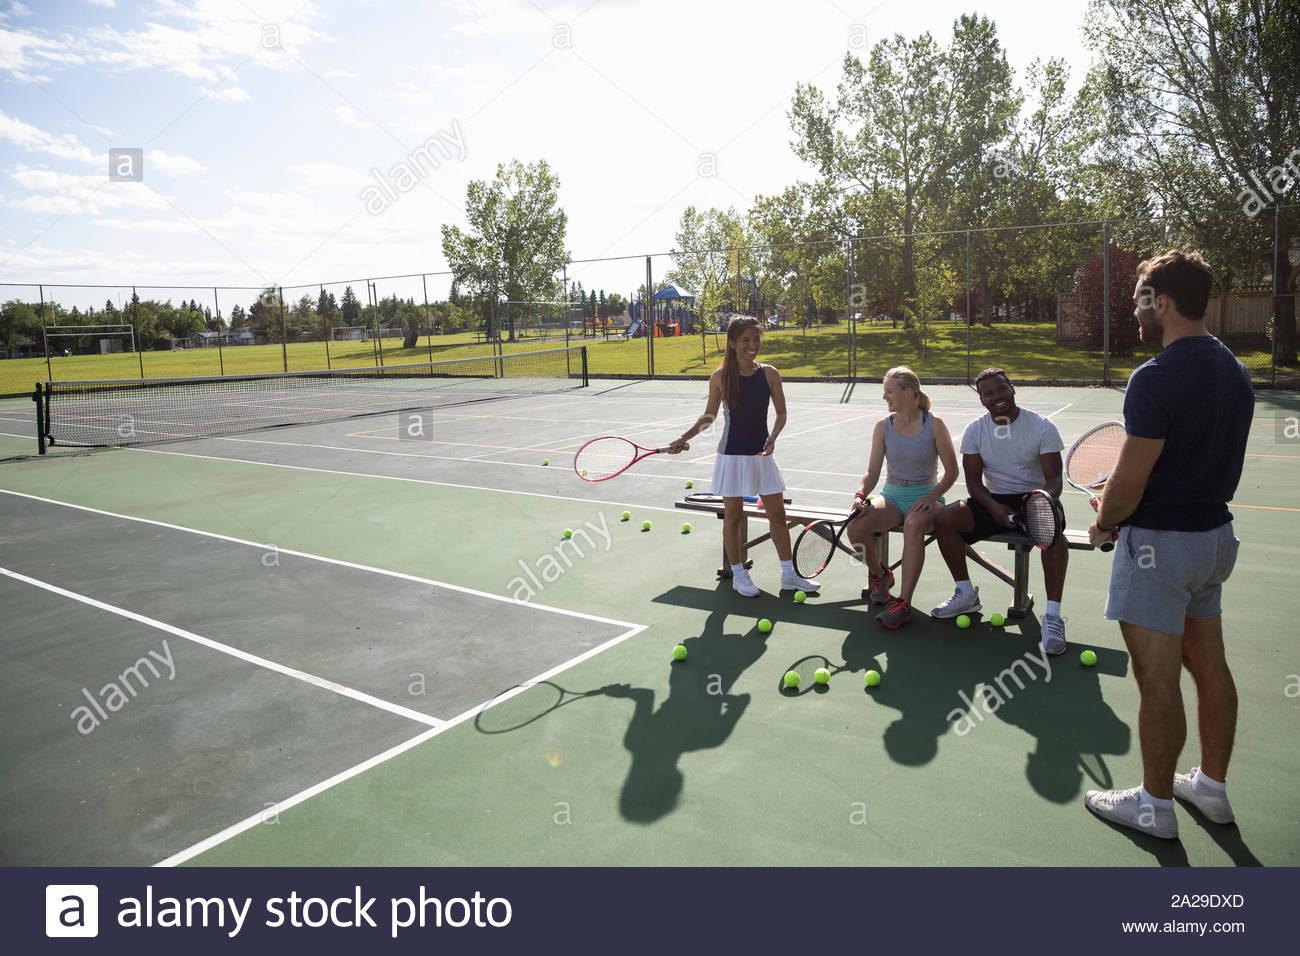 Les jeunes couples se préparant à jouer au tennis sur un court de tennis ensoleillé Banque D'Images